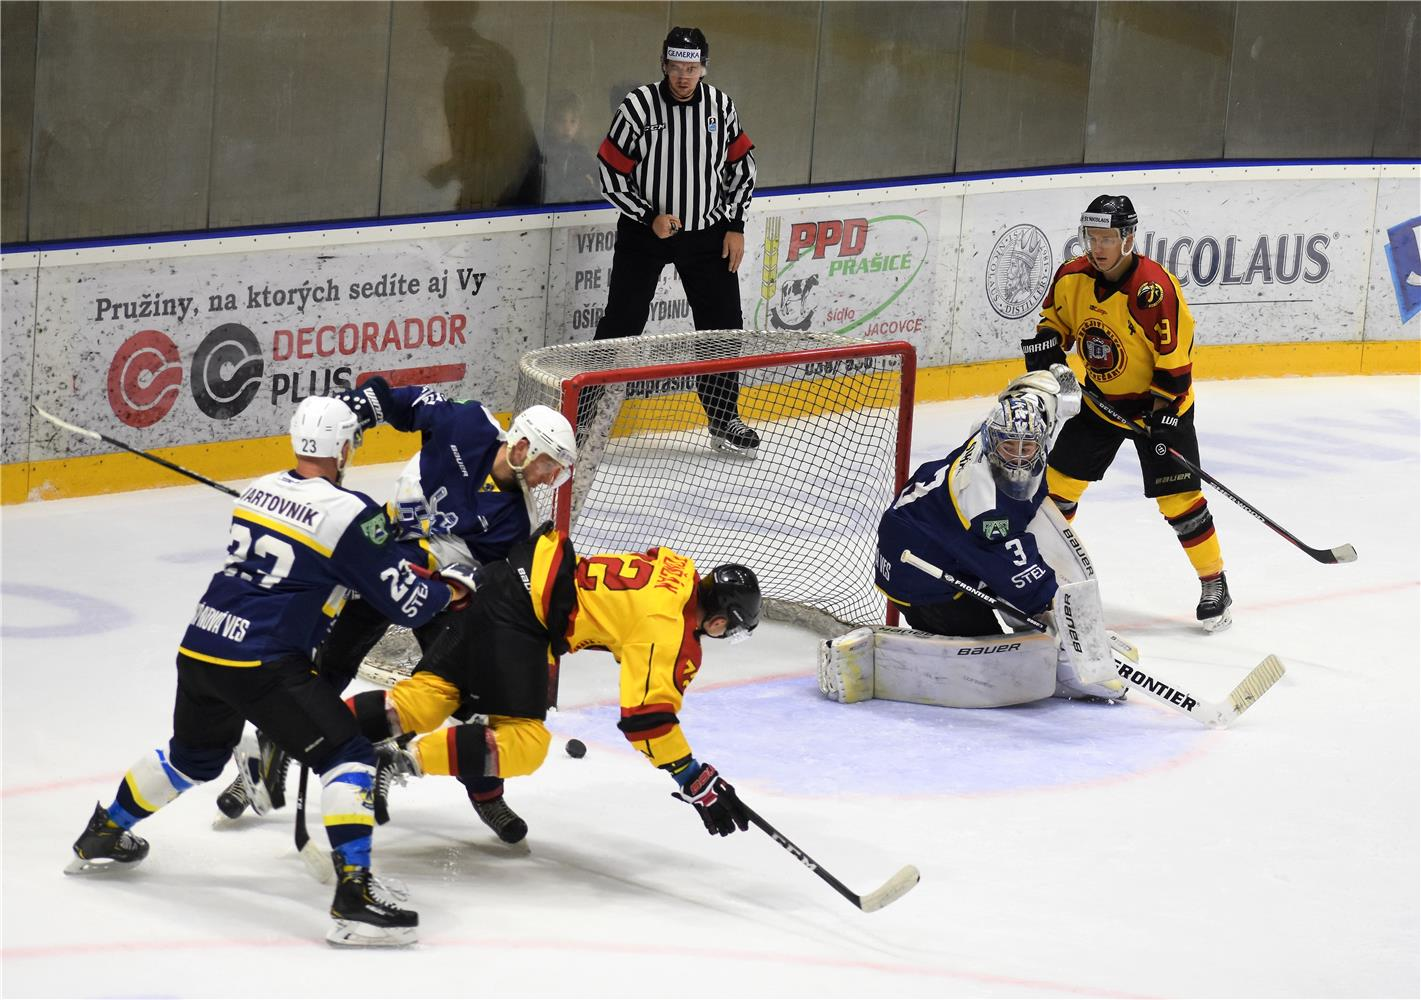 Prvý zápas na domácom ľade nám priniesol prvé víťazstvo v tohtoročnej SHL